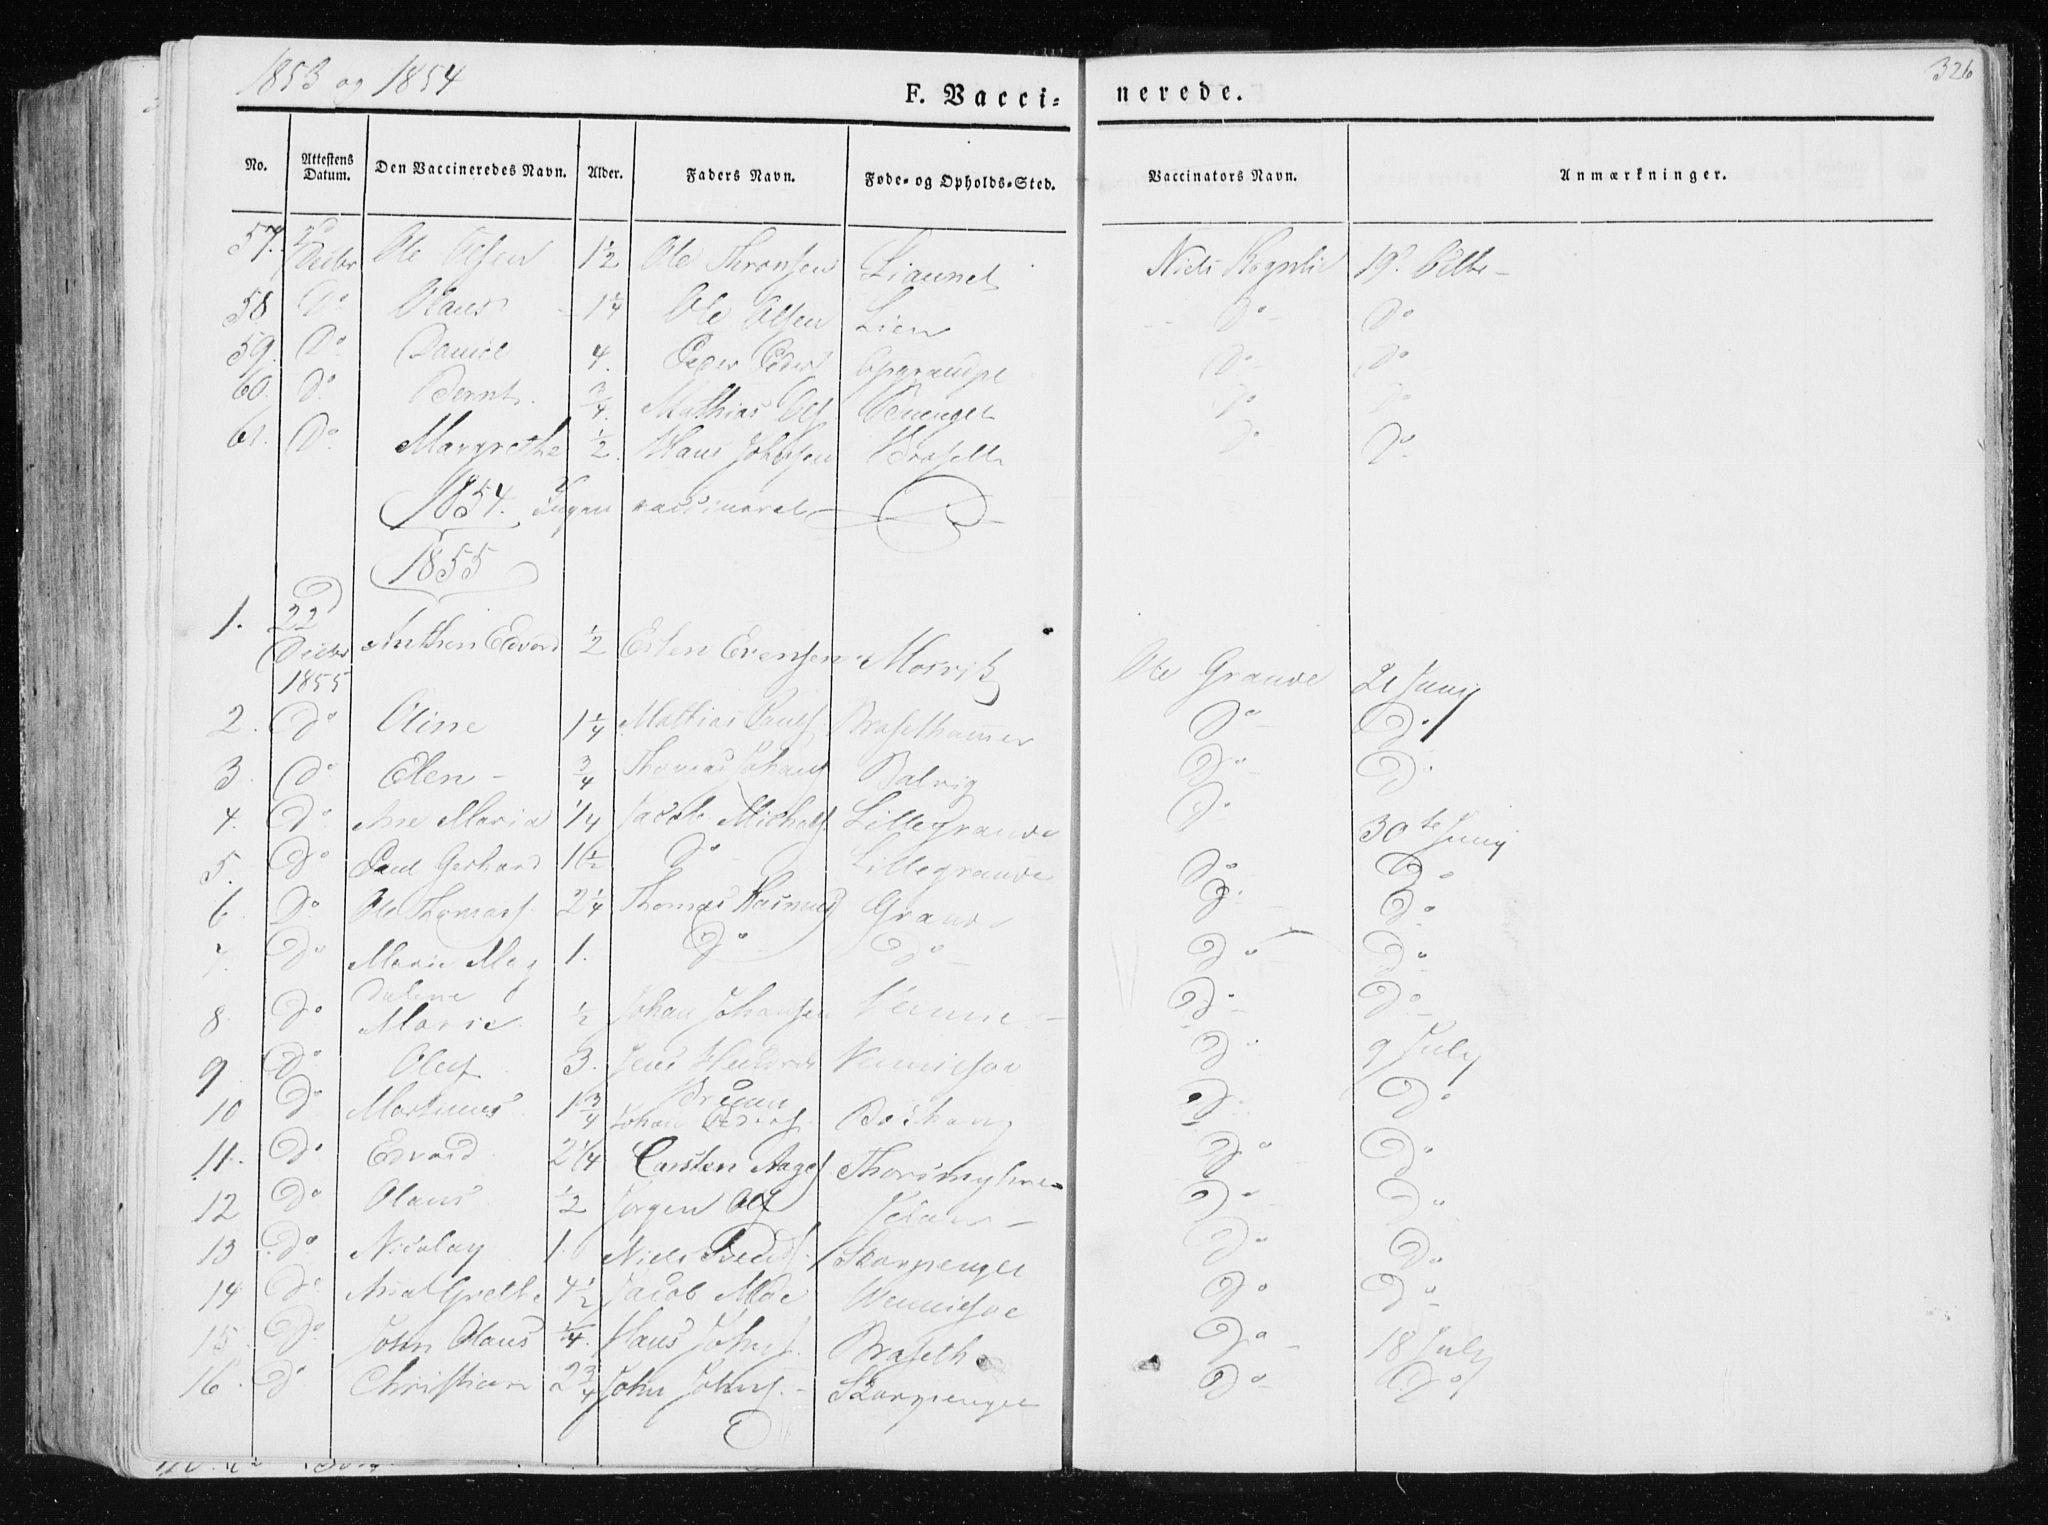 SAT, Ministerialprotokoller, klokkerbøker og fødselsregistre - Nord-Trøndelag, 733/L0323: Ministerialbok nr. 733A02, 1843-1870, s. 326